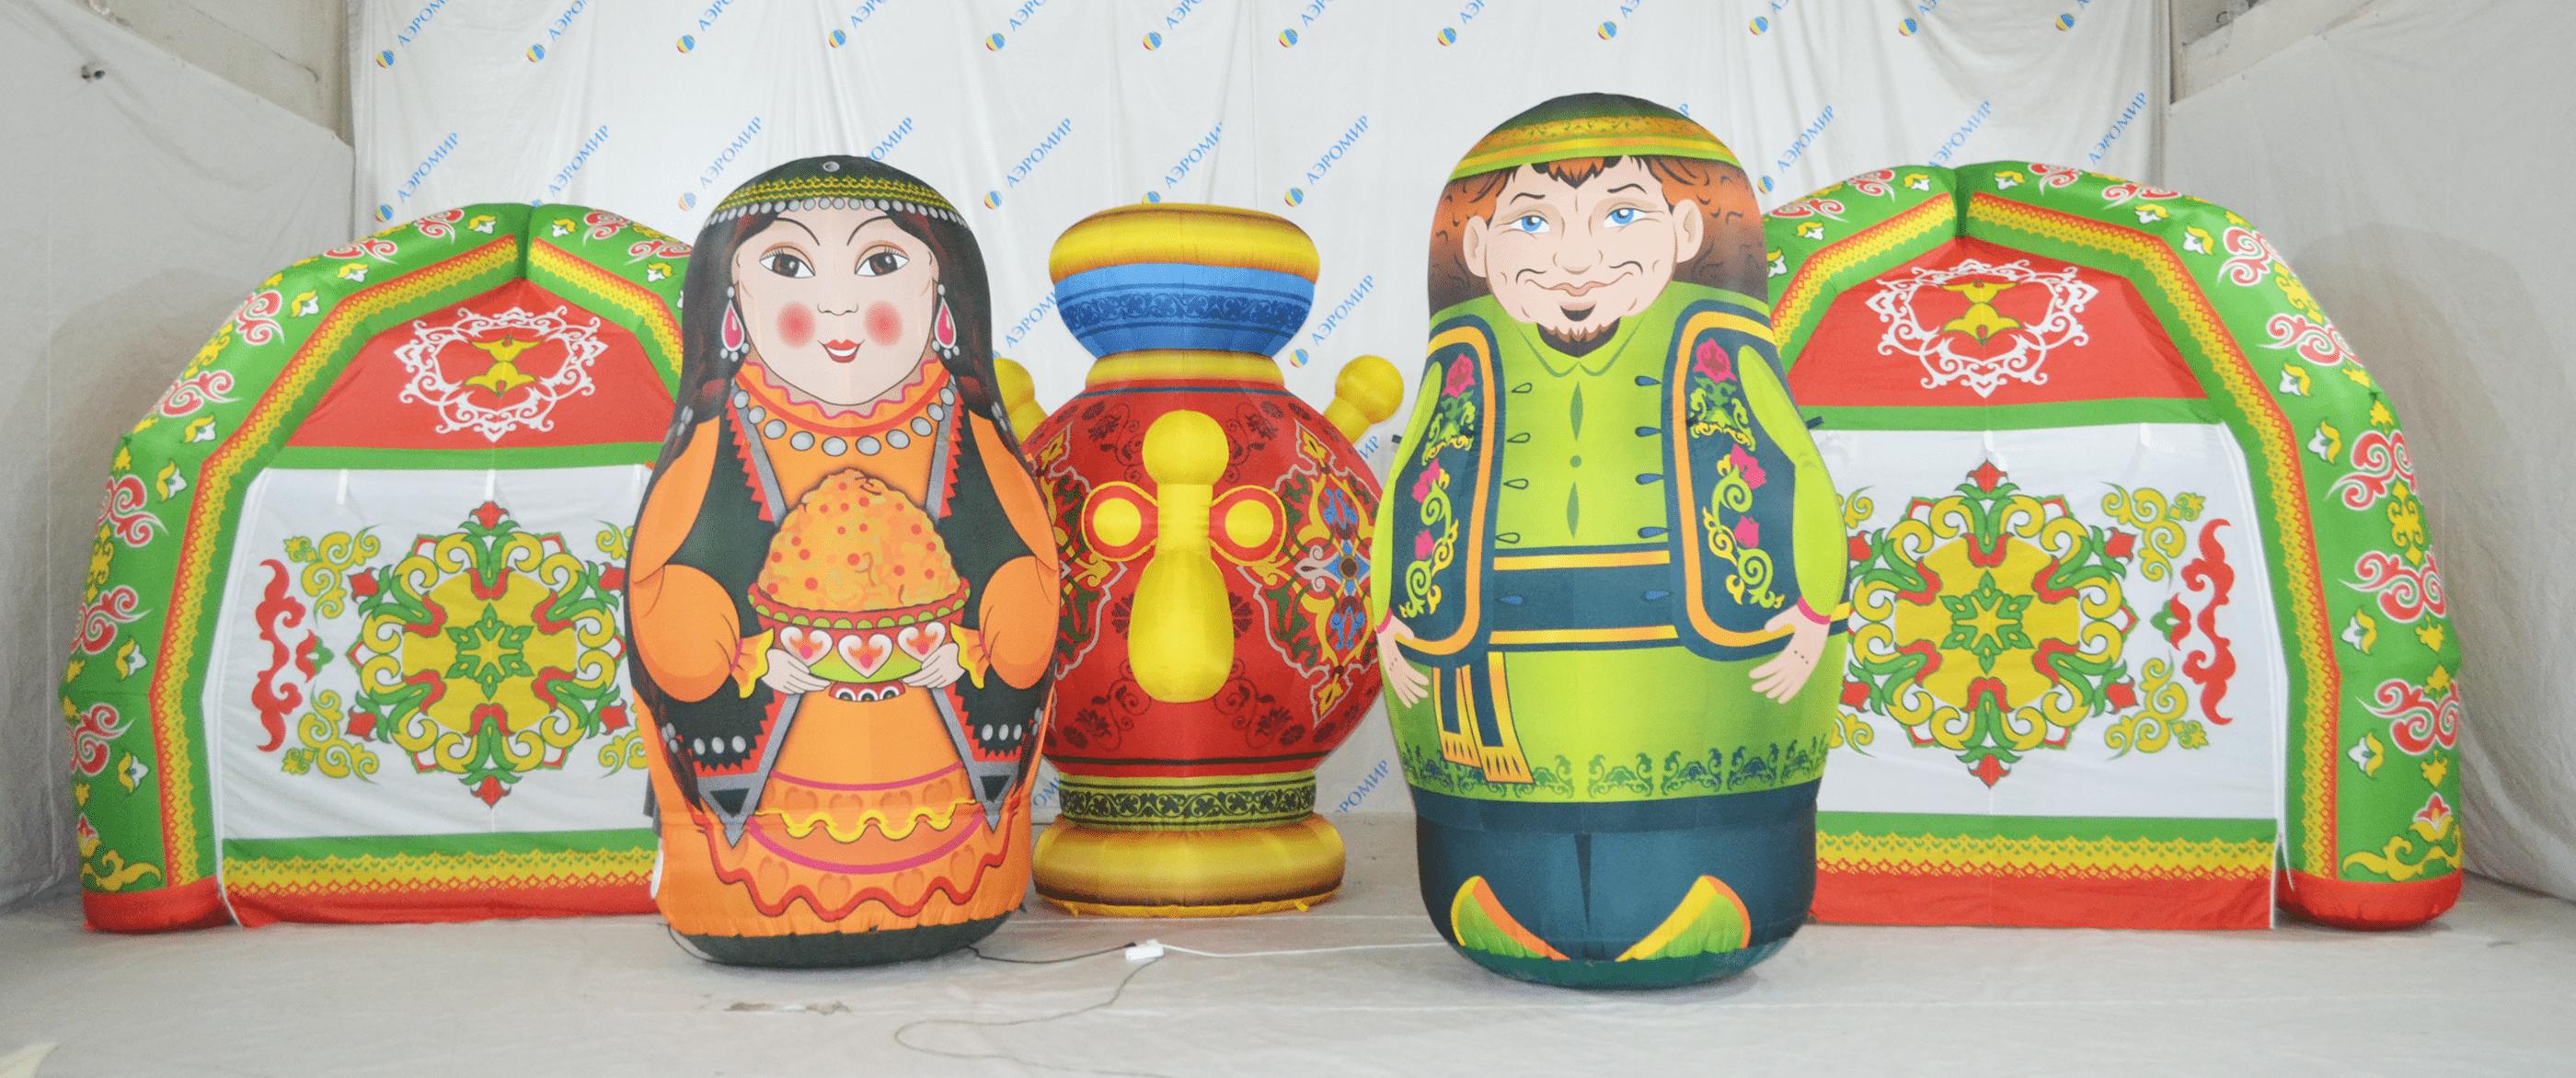 Сабантуй, декор и оформление, игры, аттракционы и забавы